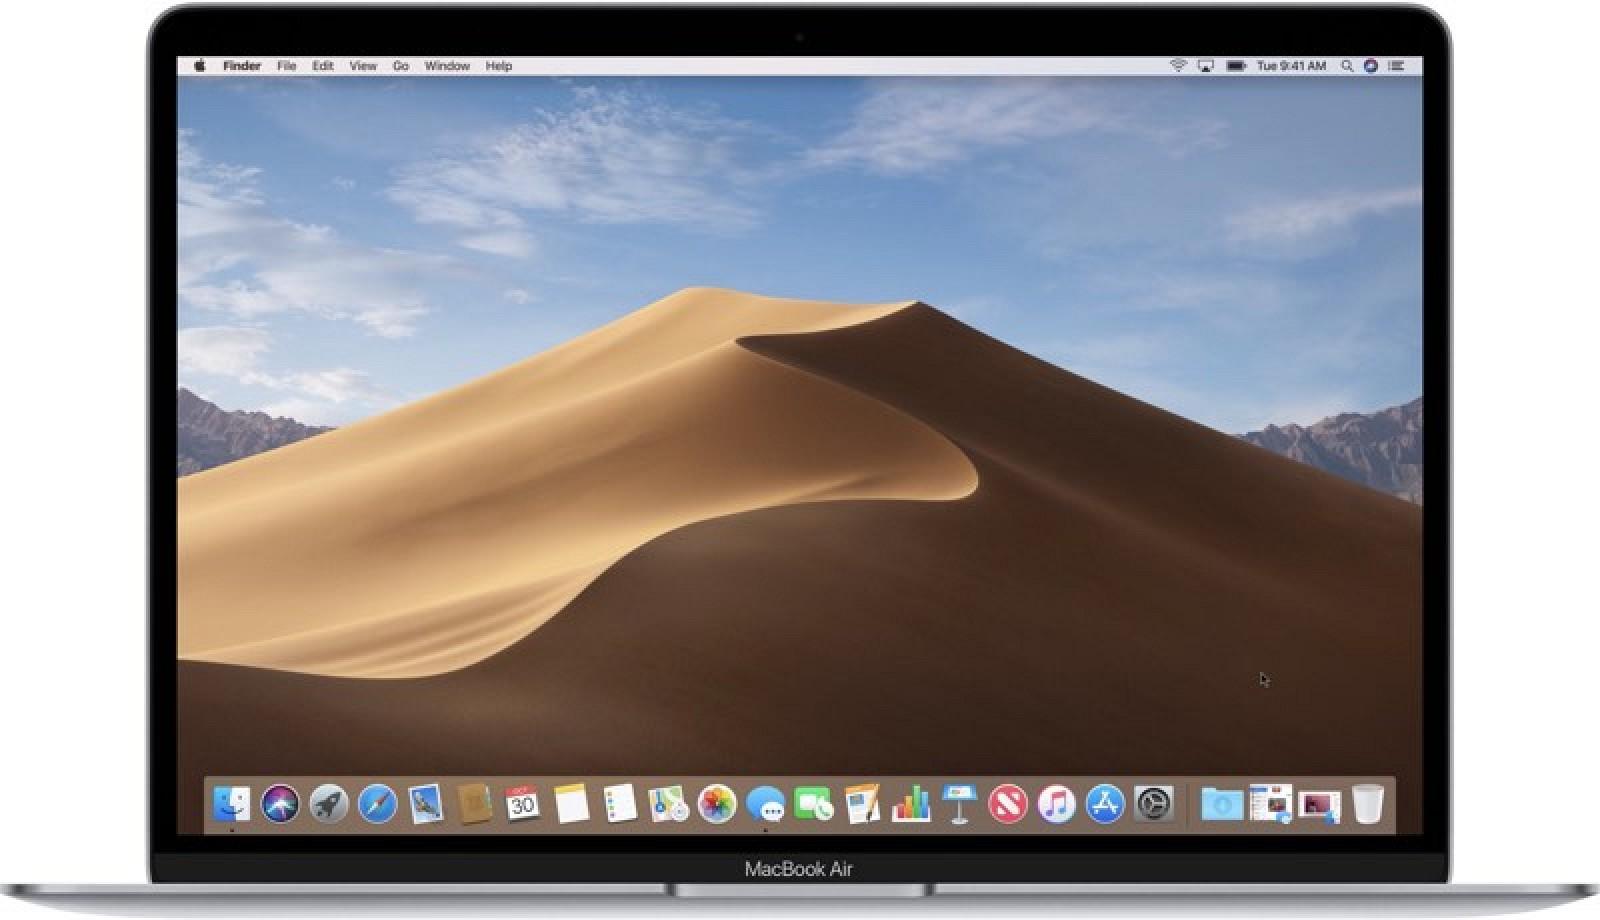 Apple Seeds Cuarta Beta de MacOS Mojave 10.14.4 para desarrolladores [Update: Public Beta Available]